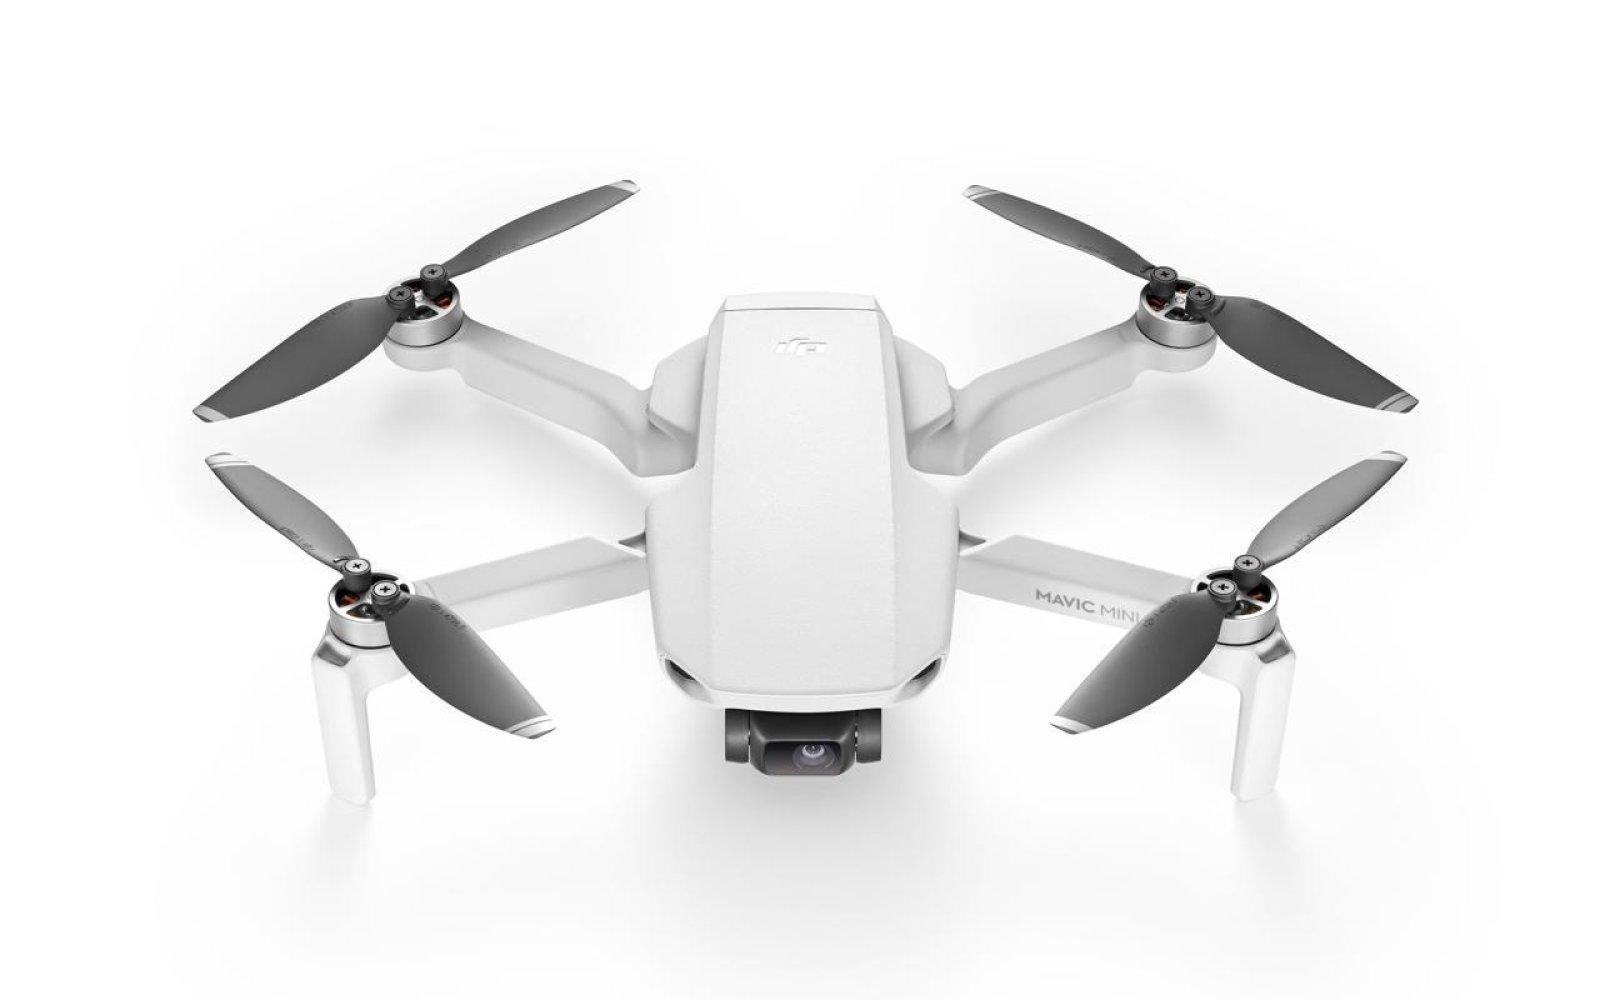 Testování Mavic Mini: Jak obstál nejmenší dron od DJI? [sponzorovaný článek]